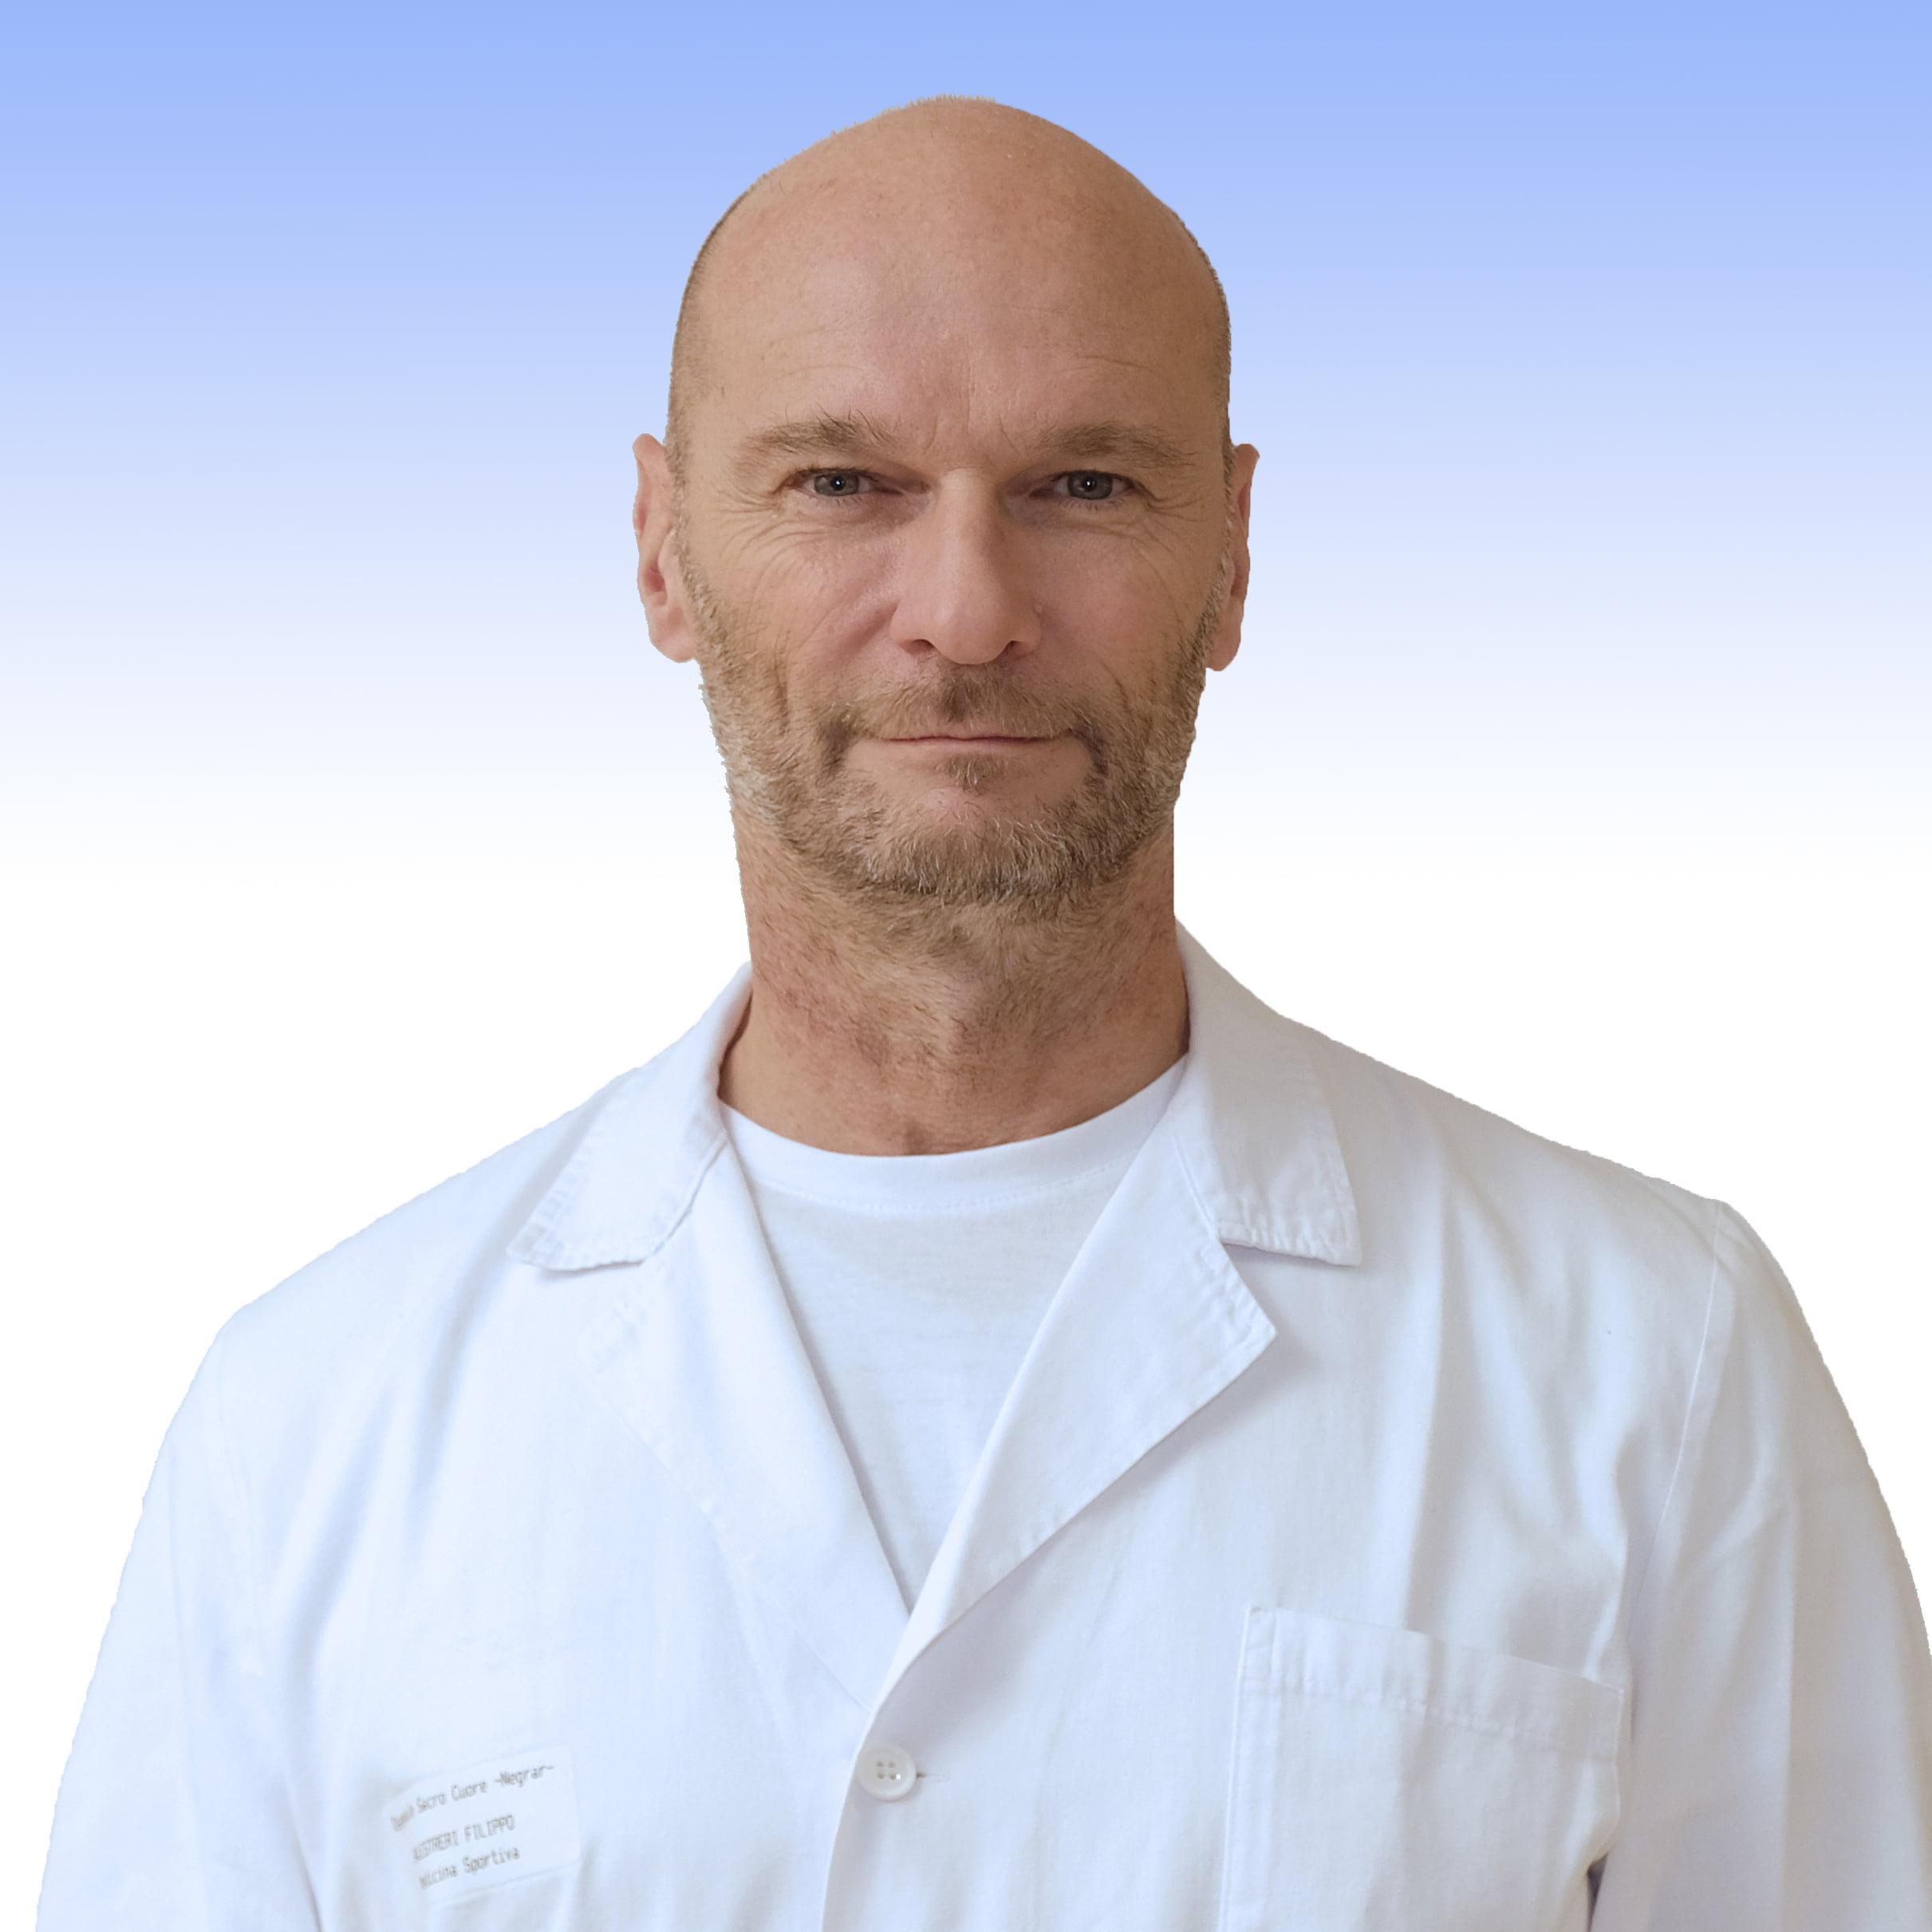 Dottor Filippo Balestrieri, fisiatra dell'IRCCS Ospedale Sacro Cuore Don Calabriadi Negrar